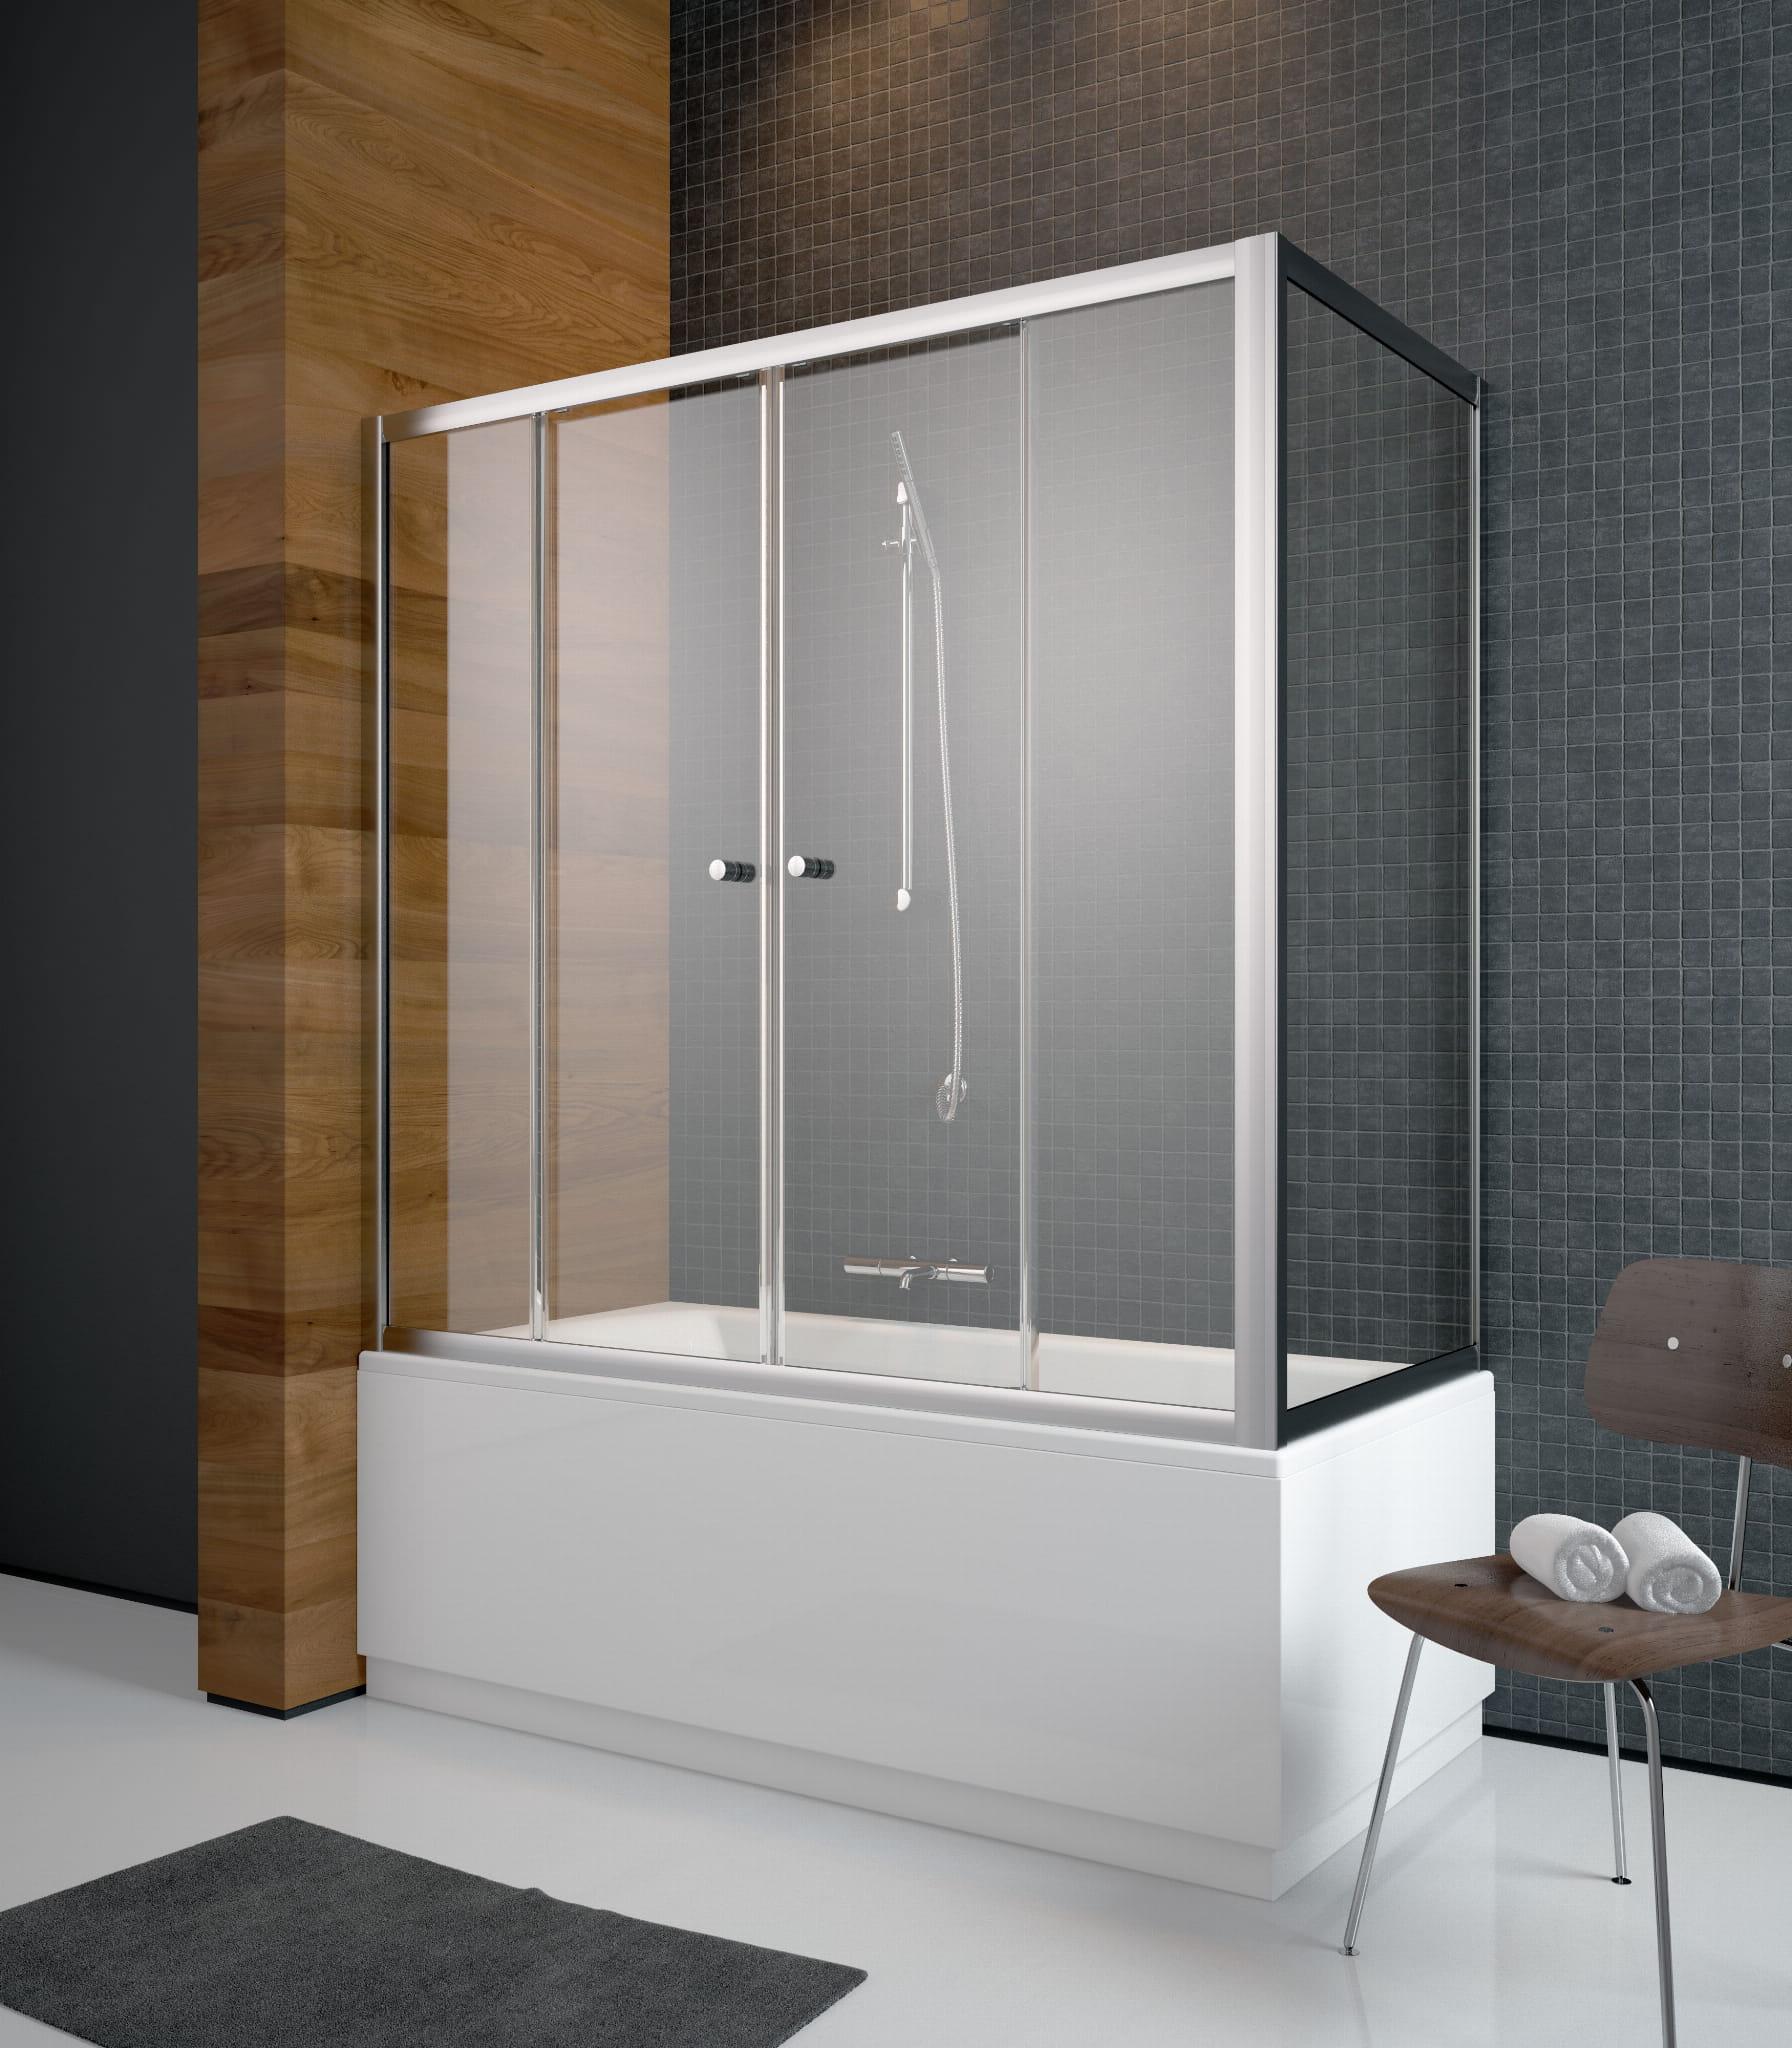 Radaway zabudowa nawannowa Vesta DWD+S 140 x 75,  szkło przejrzyste, wys. 150 cm 203140-01/204075-01